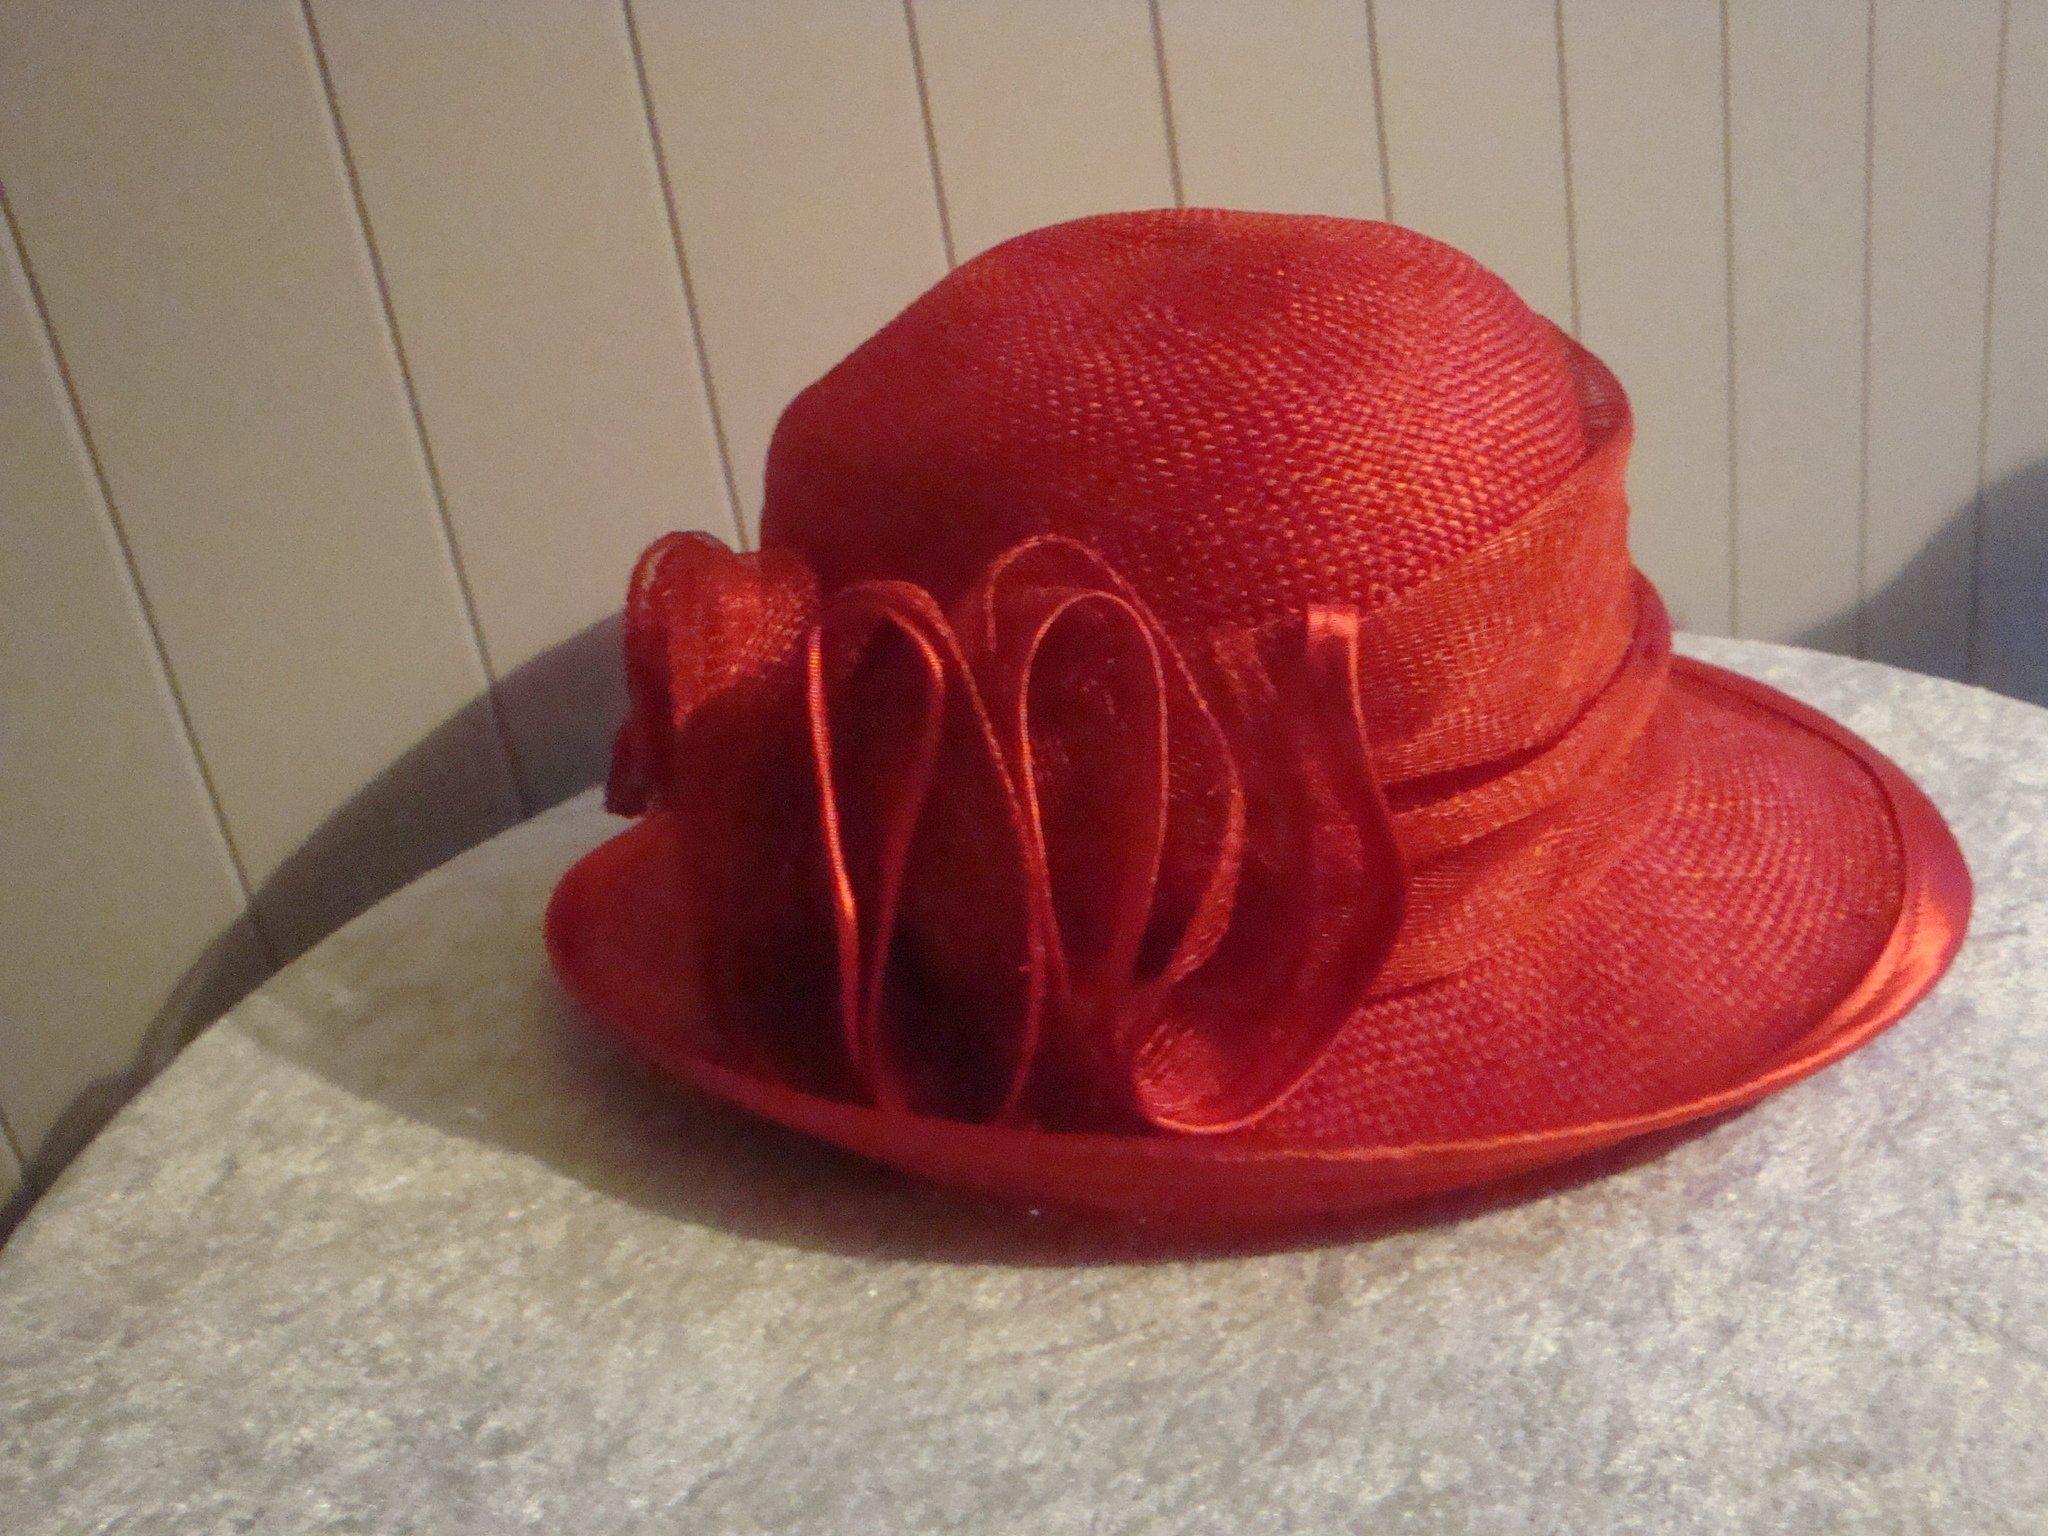 Sommarhatt. Röd stråhatt. (341854056) ᐈ Köp på Tradera 45794619707e9